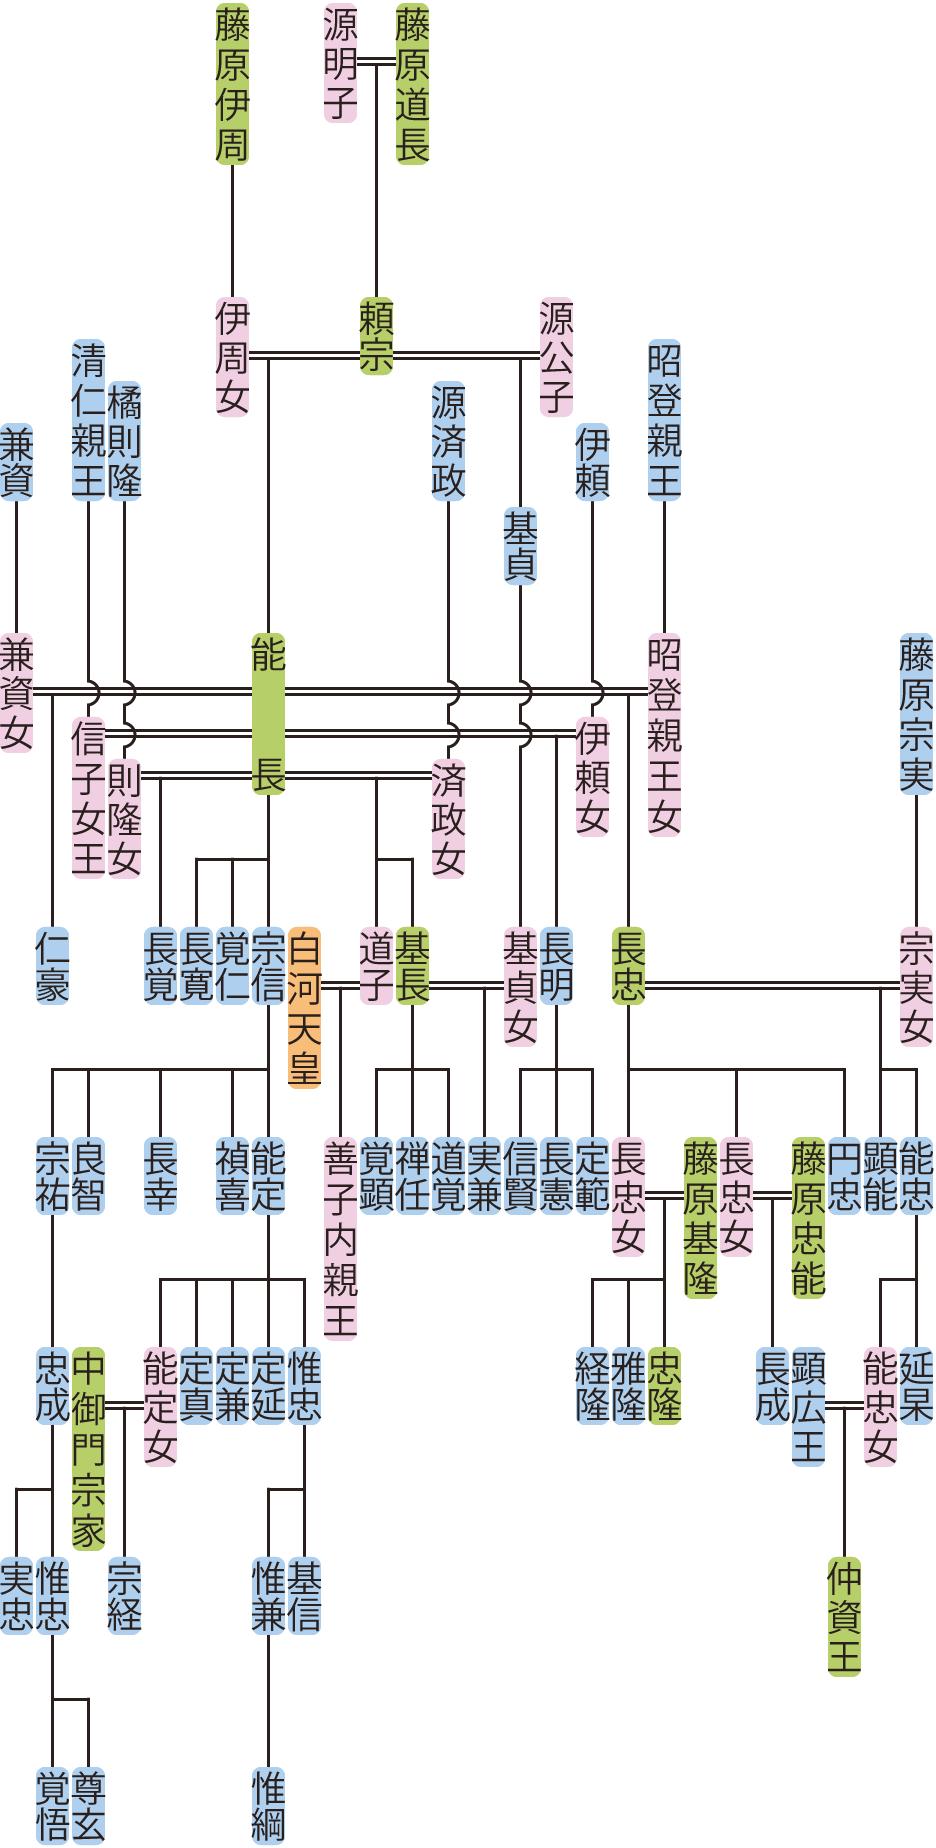 藤原能長の系図